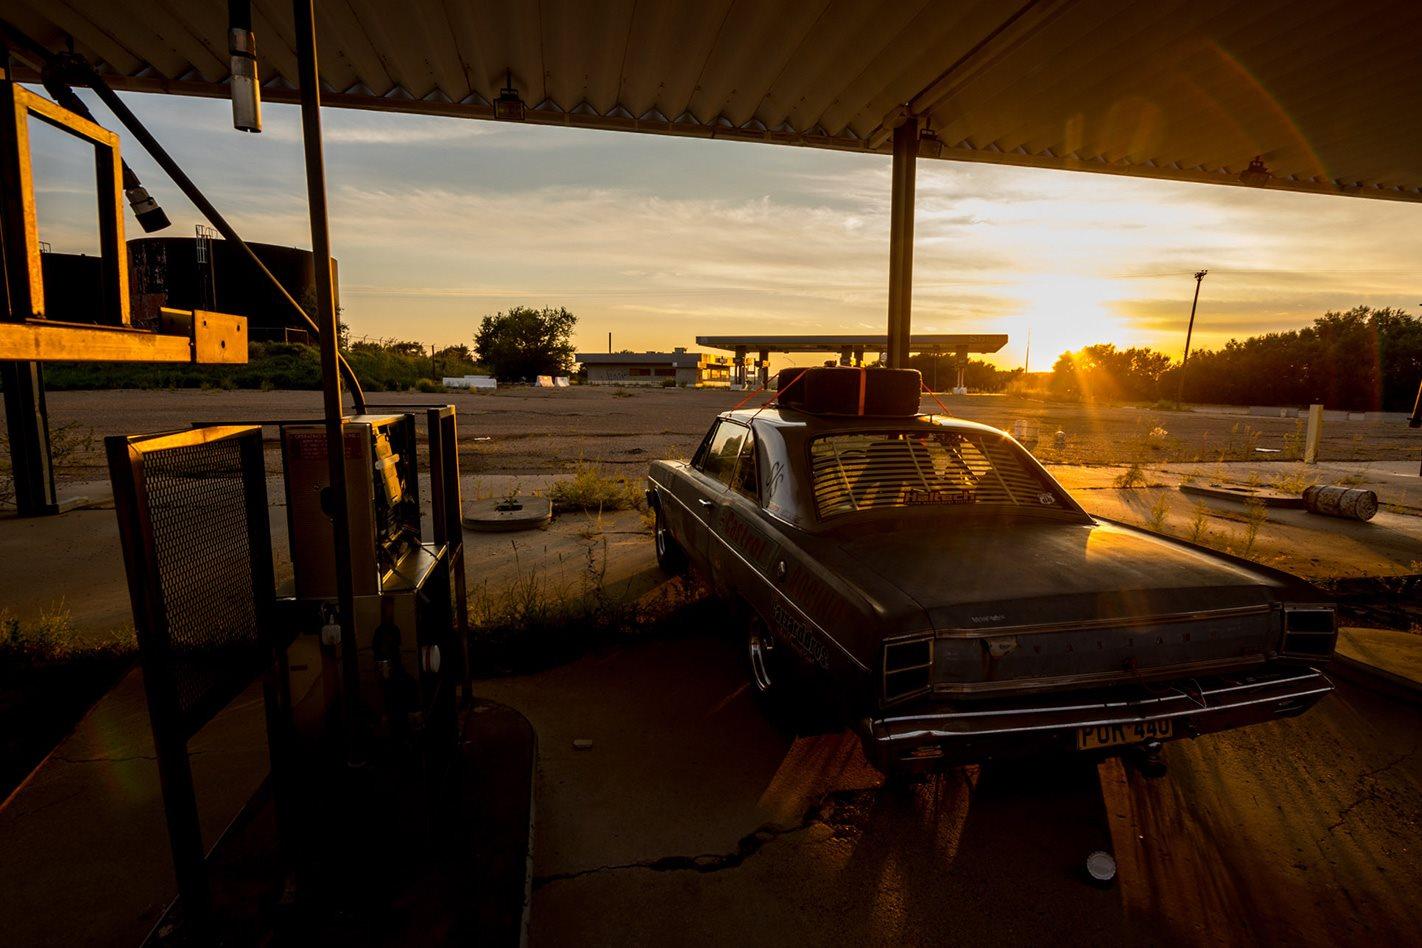 POR440 petrol station